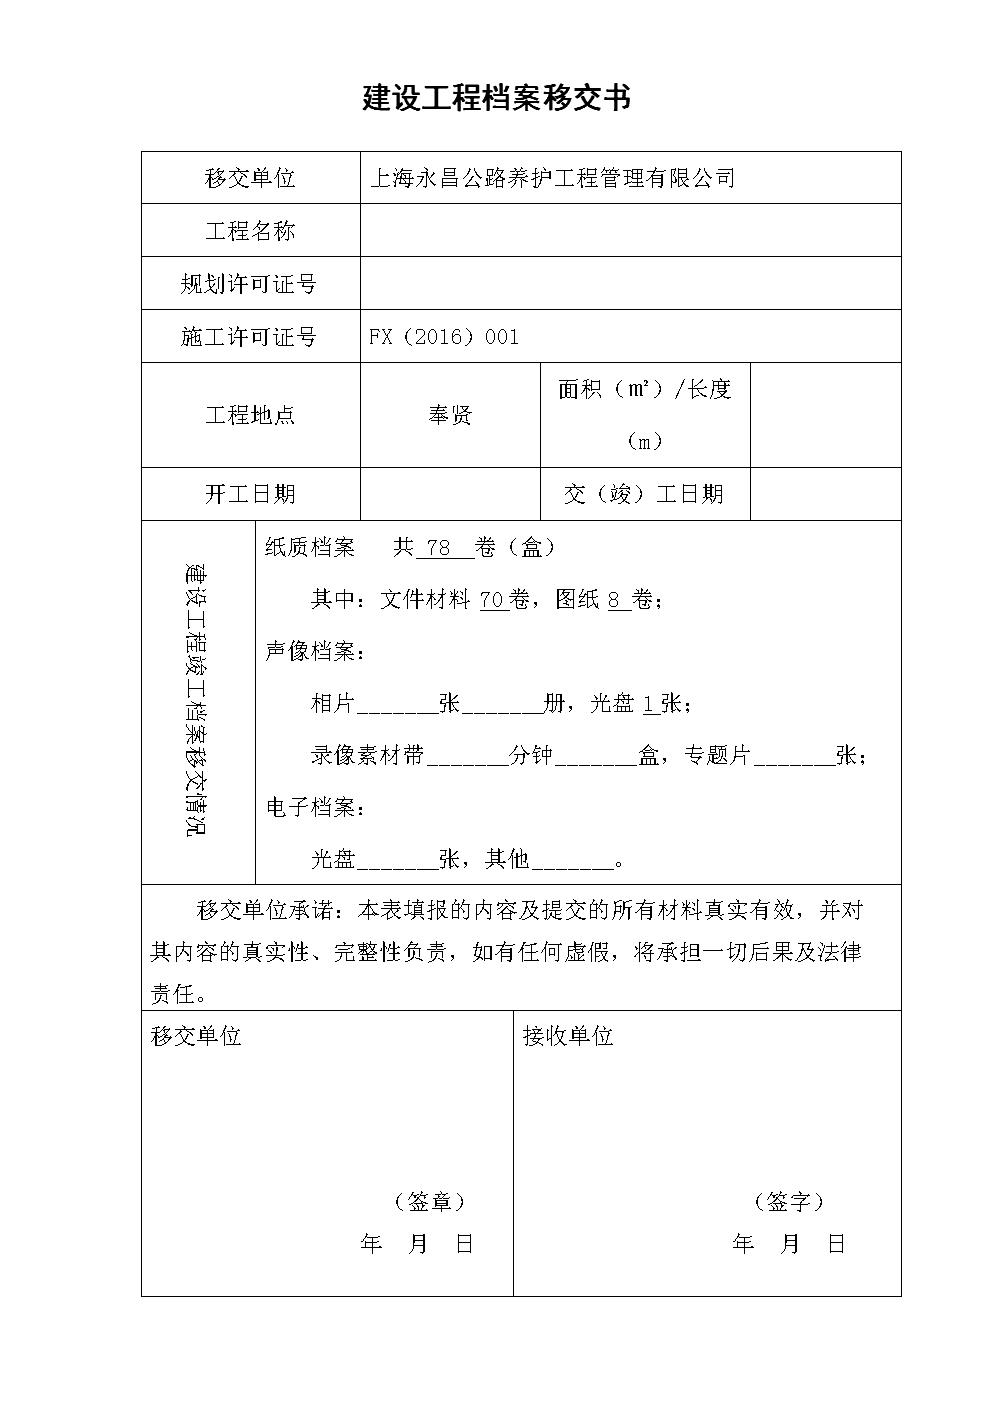 建设工程档案移交书(供参考学习).doc